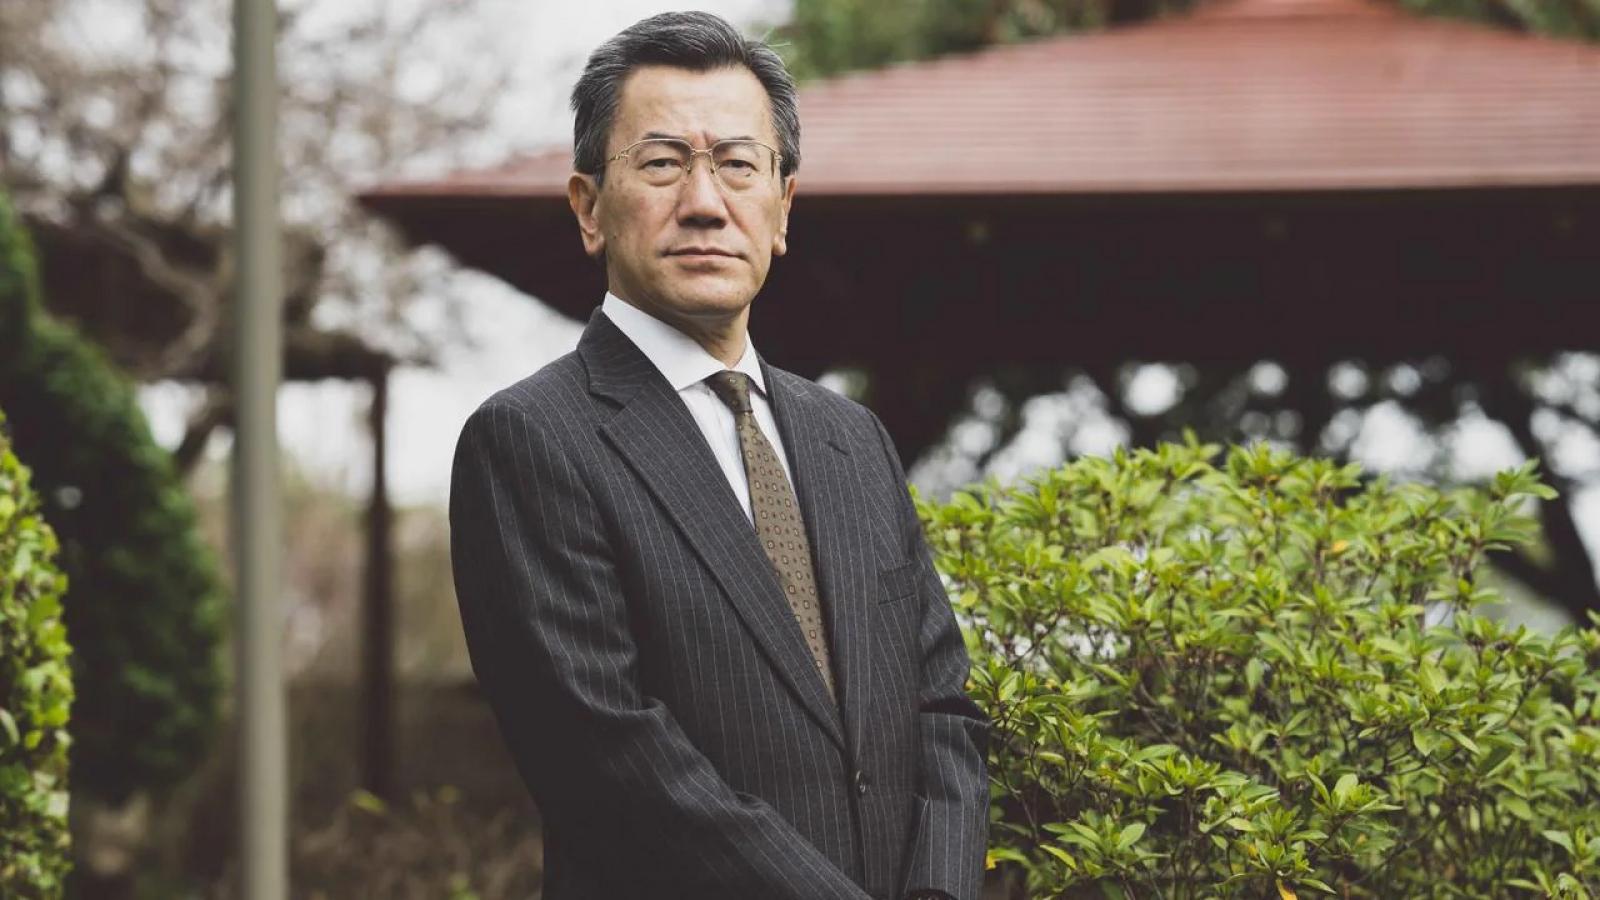 Nhật Bản muốn đẩy mạnh hợp tác quốc phòng với Australia